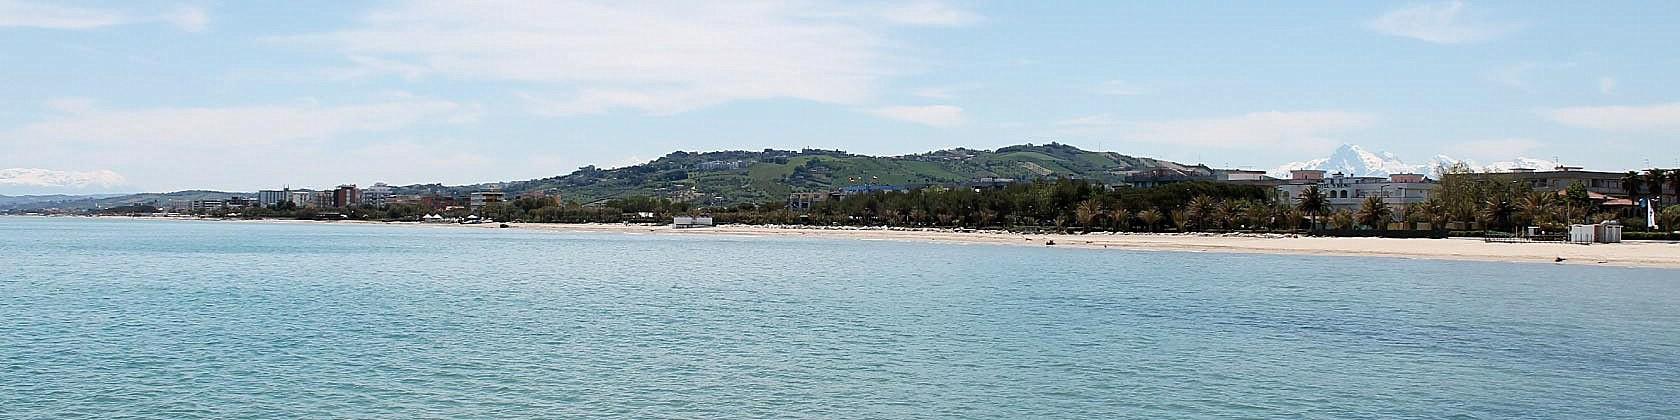 Pláž za částí Villa Rosa směrem k Alba Adriatica